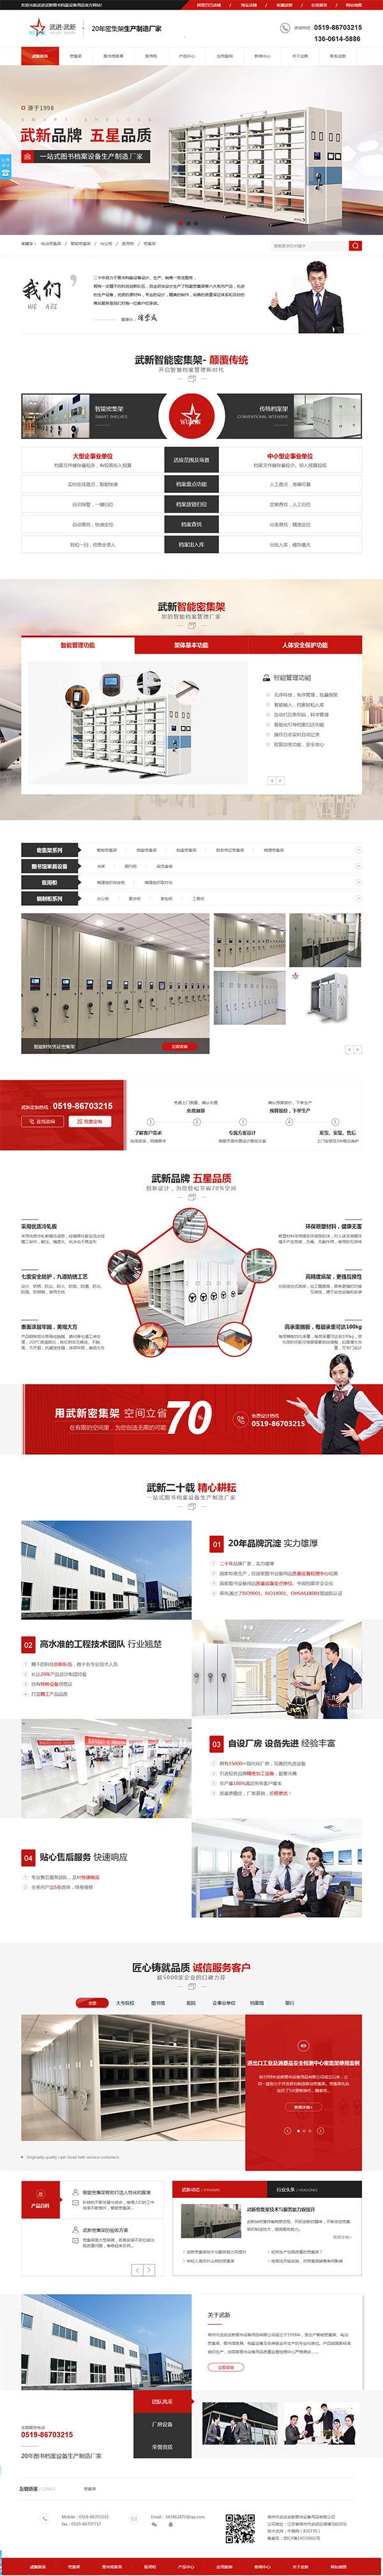 武进武新图书设备用品-龙8国际龙88型龙8国际官网首页页面